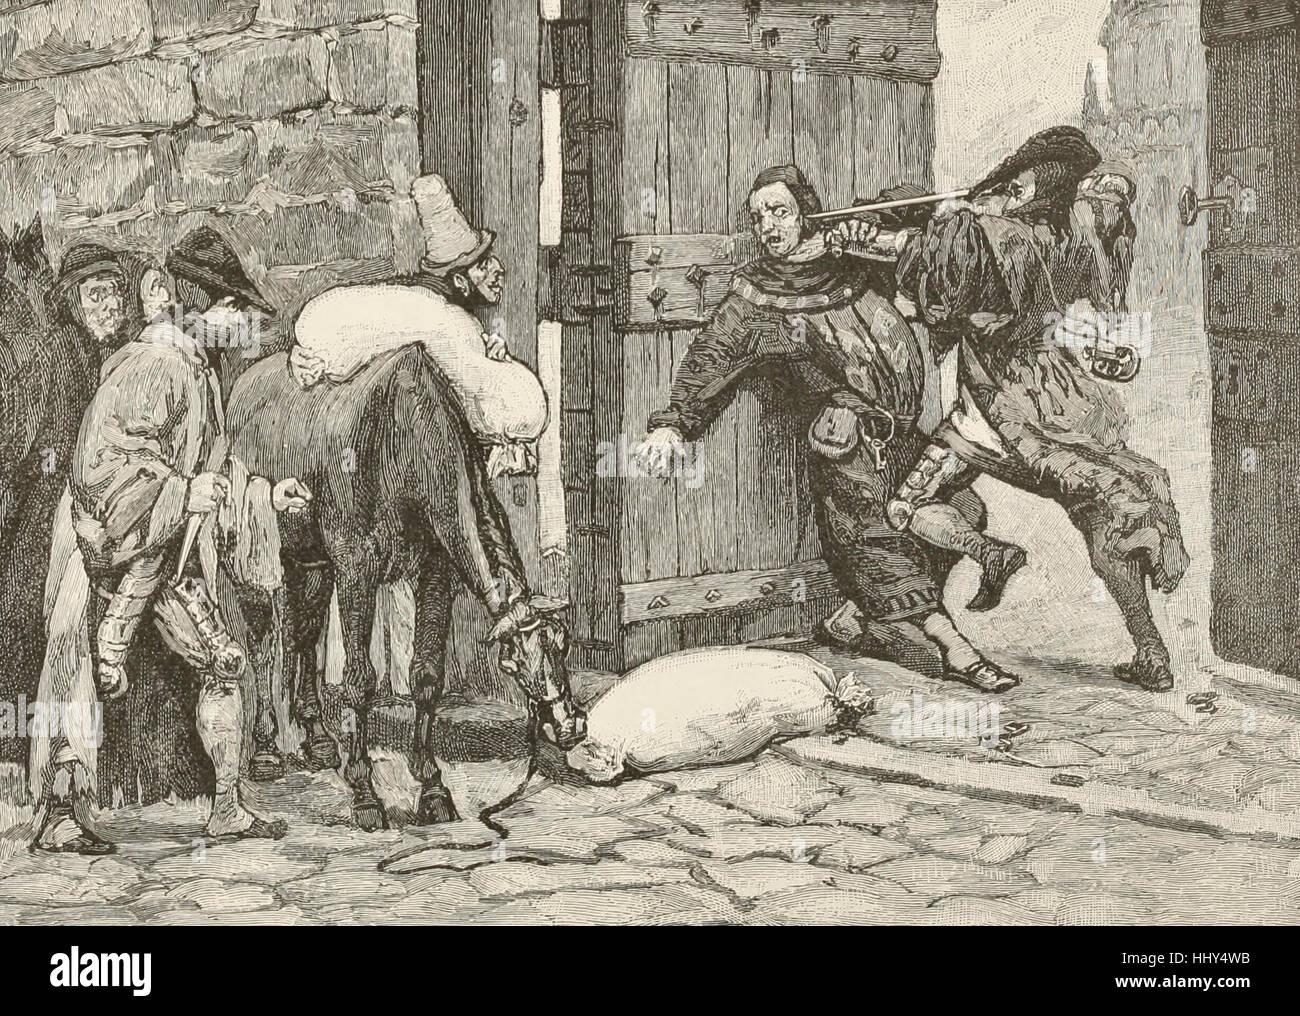 Cómo Sir William Douglas y sus compañeros capturaron el Castillo de Edimburgo por estratagema Imagen De Stock